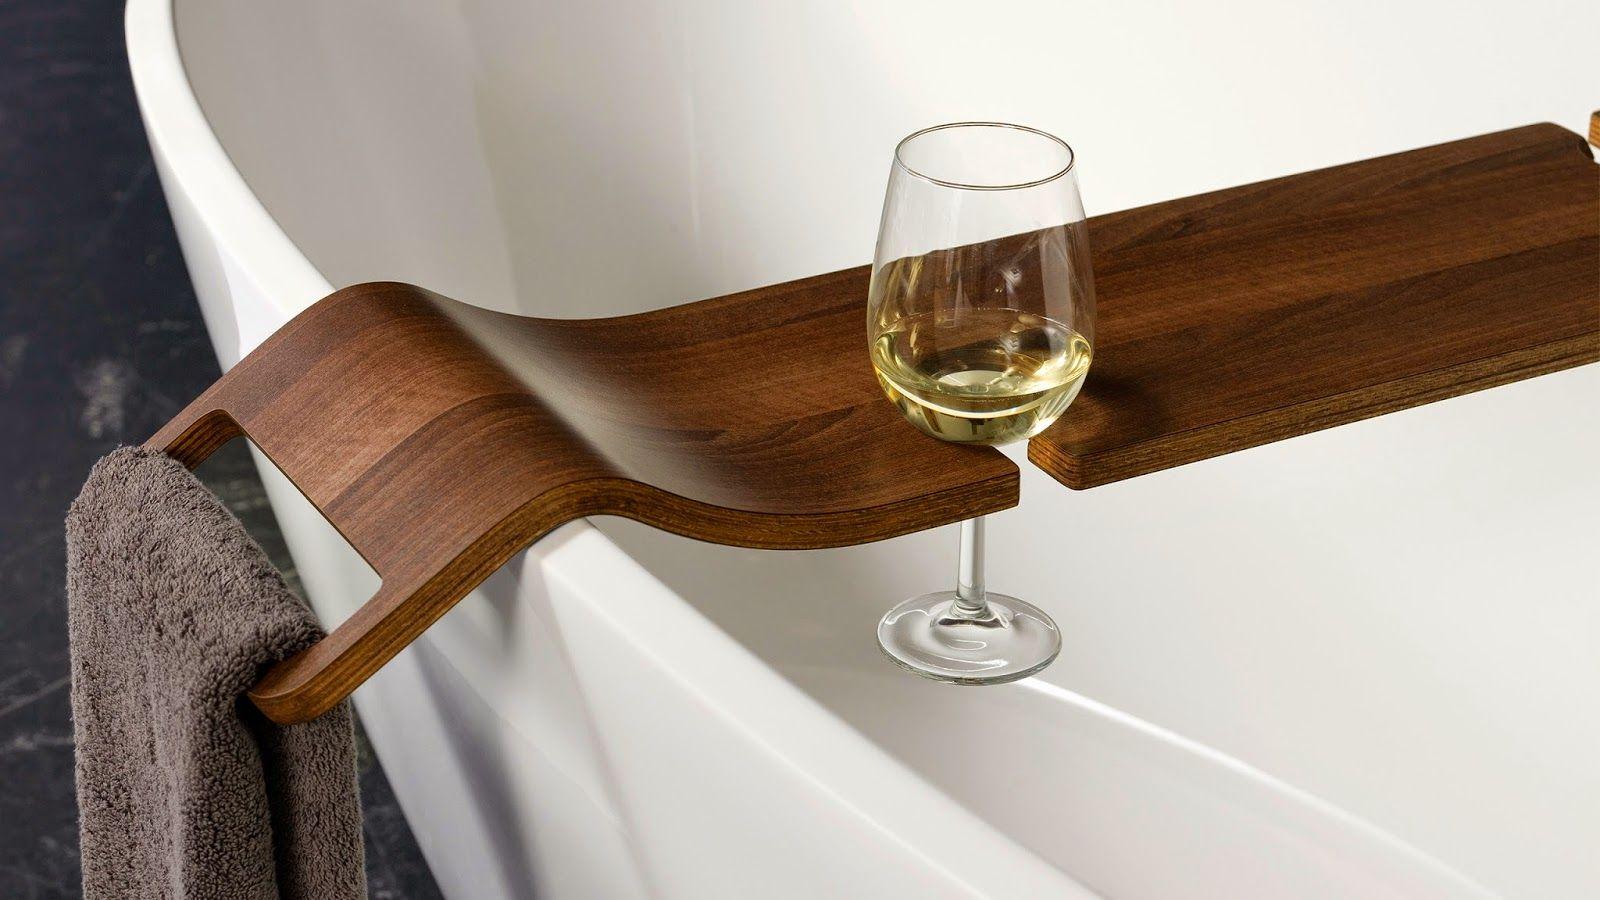 Bath caddy | Kitchen Design | Pinterest | Bath caddy, Bath and Trays